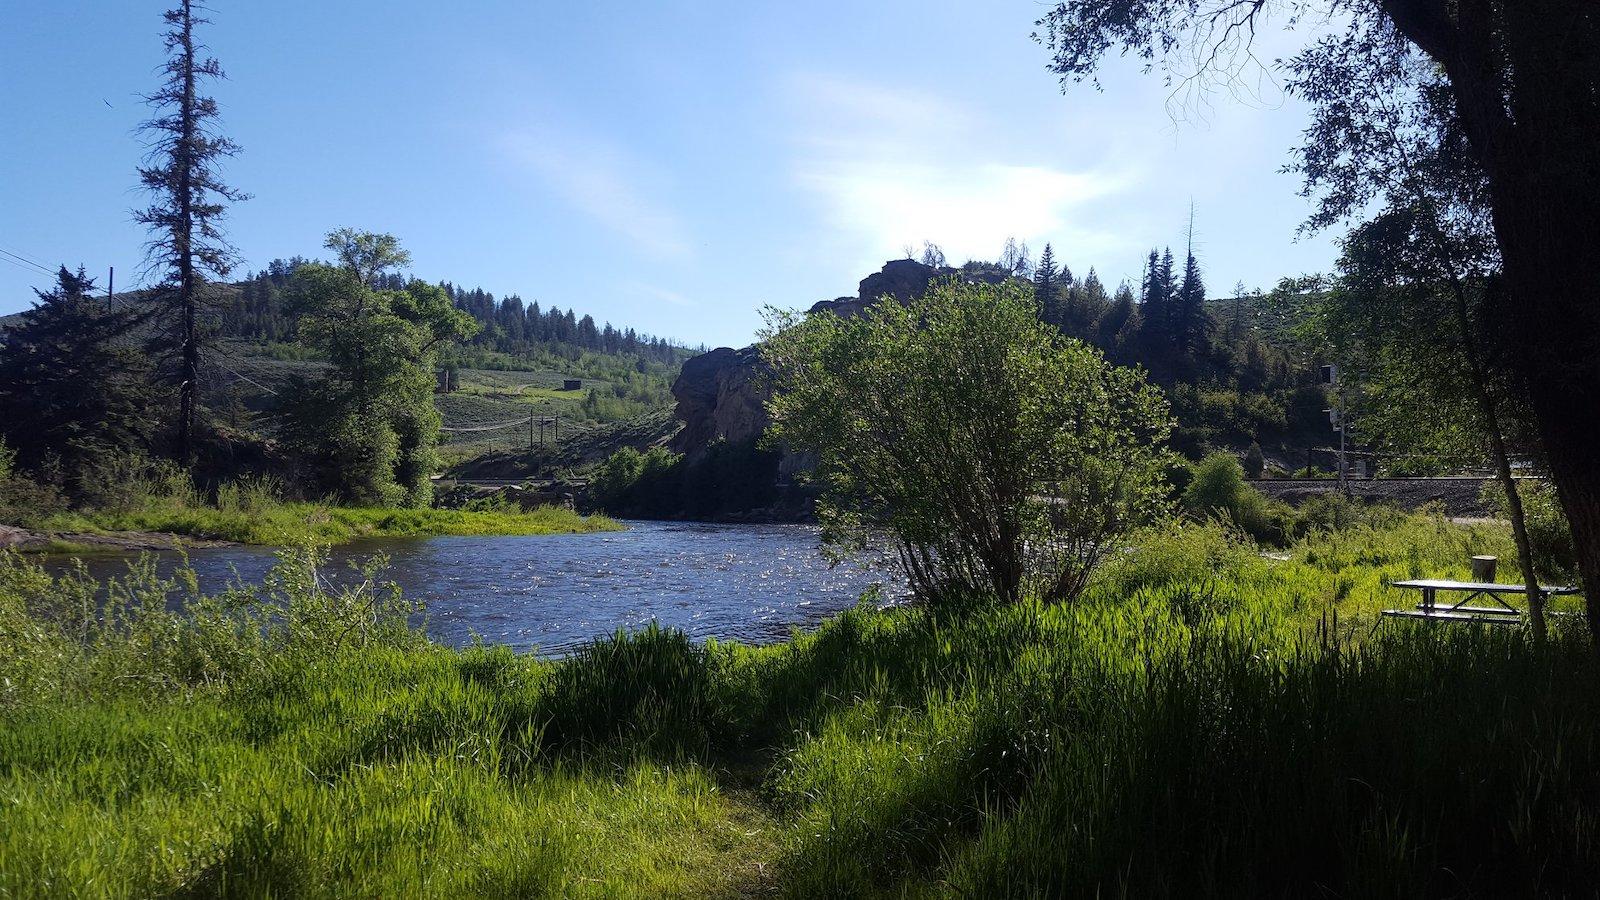 Image of the Colorado River flowing through Pioneer Park in Hot Sulphur Springs, Colorado